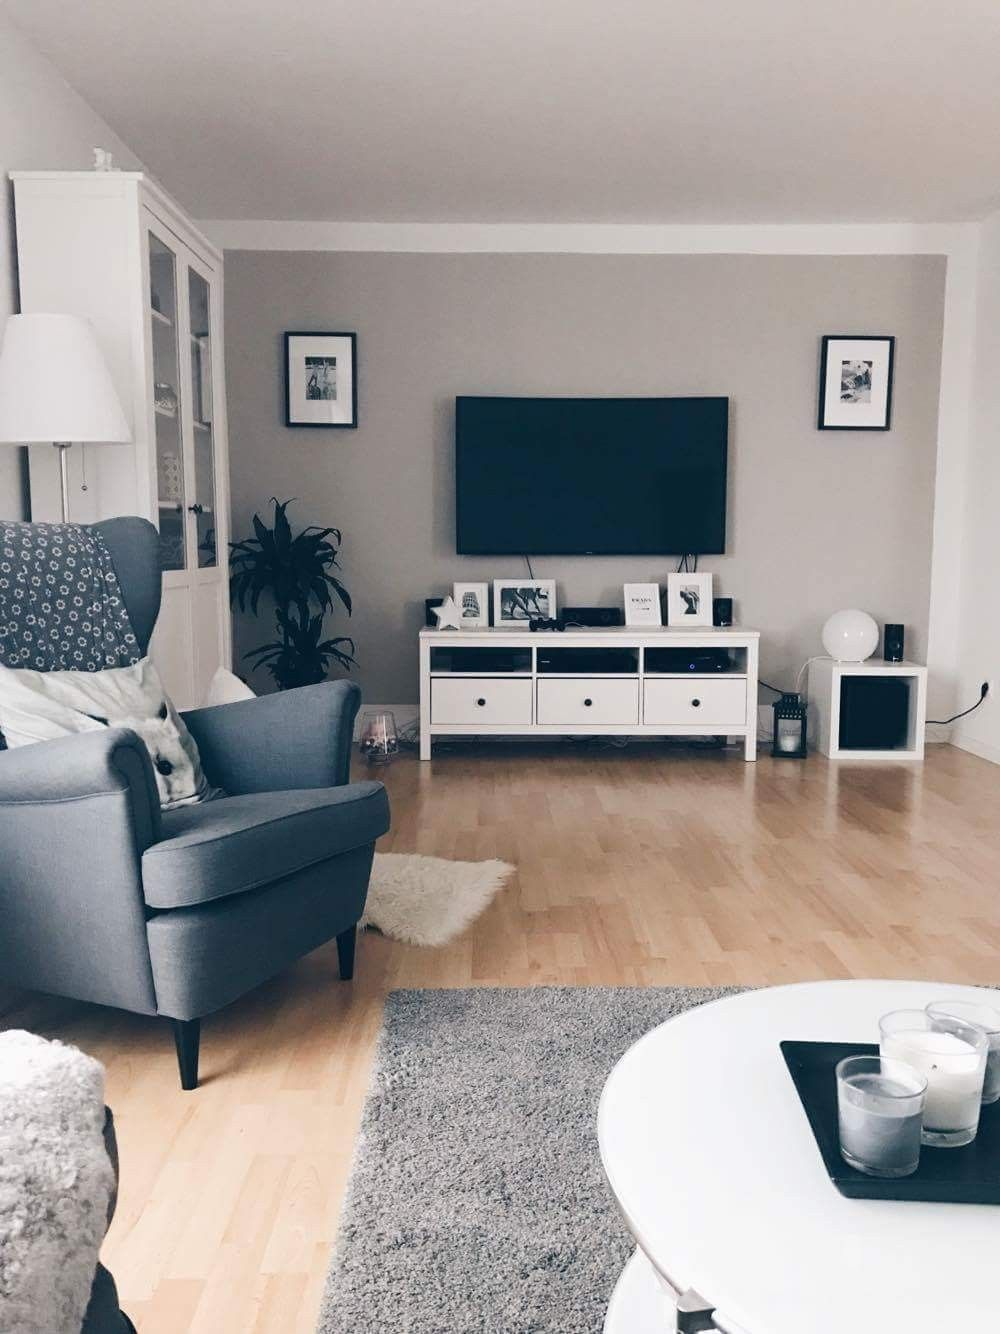 Wohnzimmerstil 2018 chair colour  deco in   pinterest  decoración hogar hogar